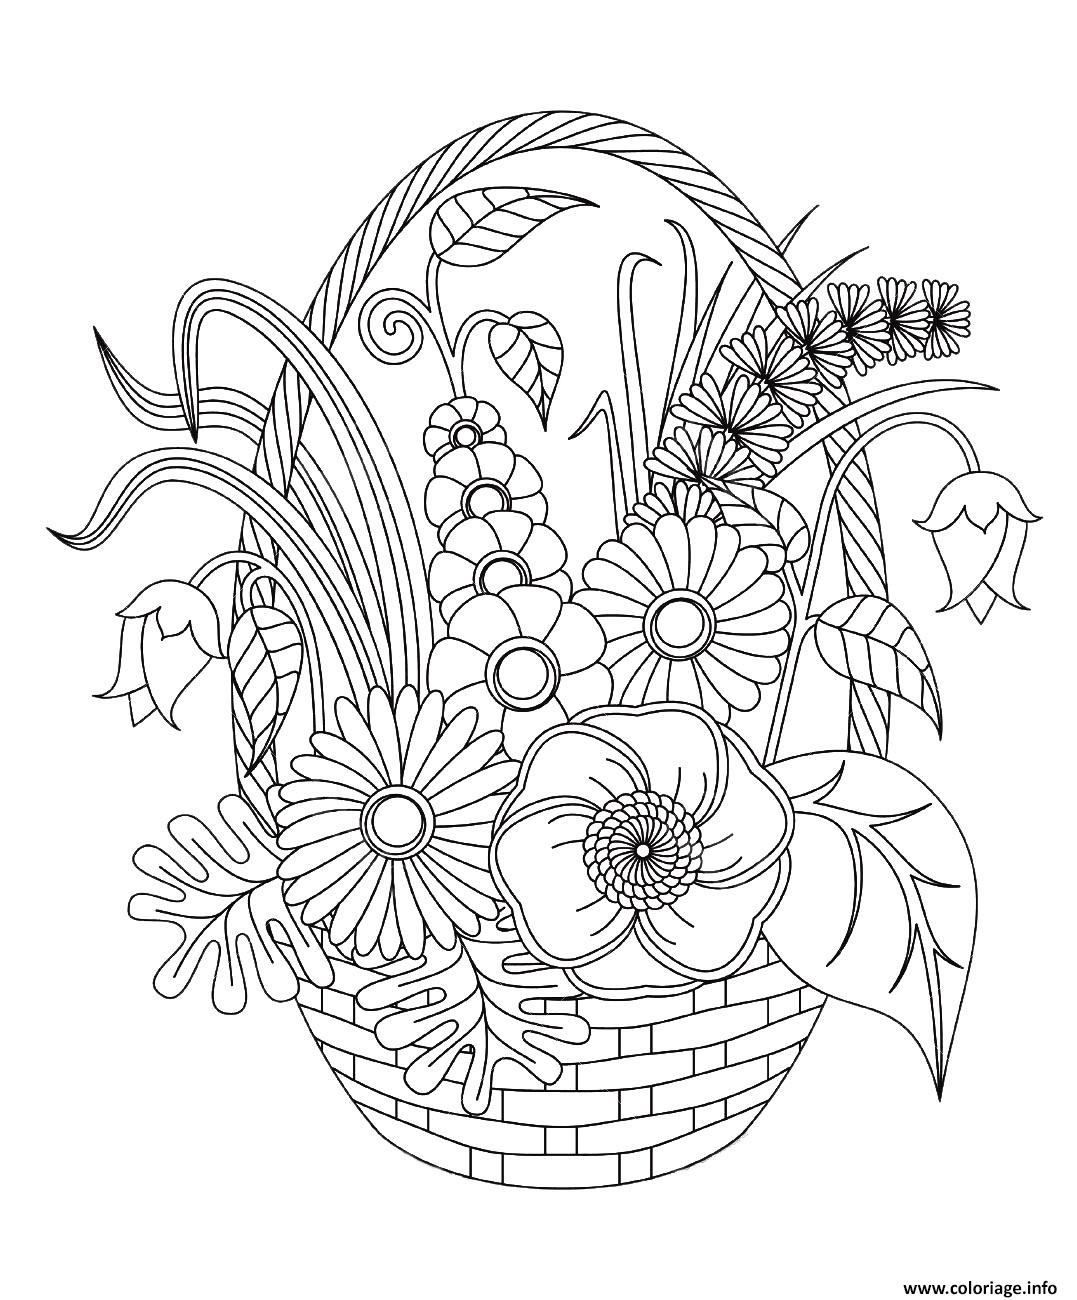 Coloriage Adulte Fleurs Variees Dans Un Panier Jecolorie Com